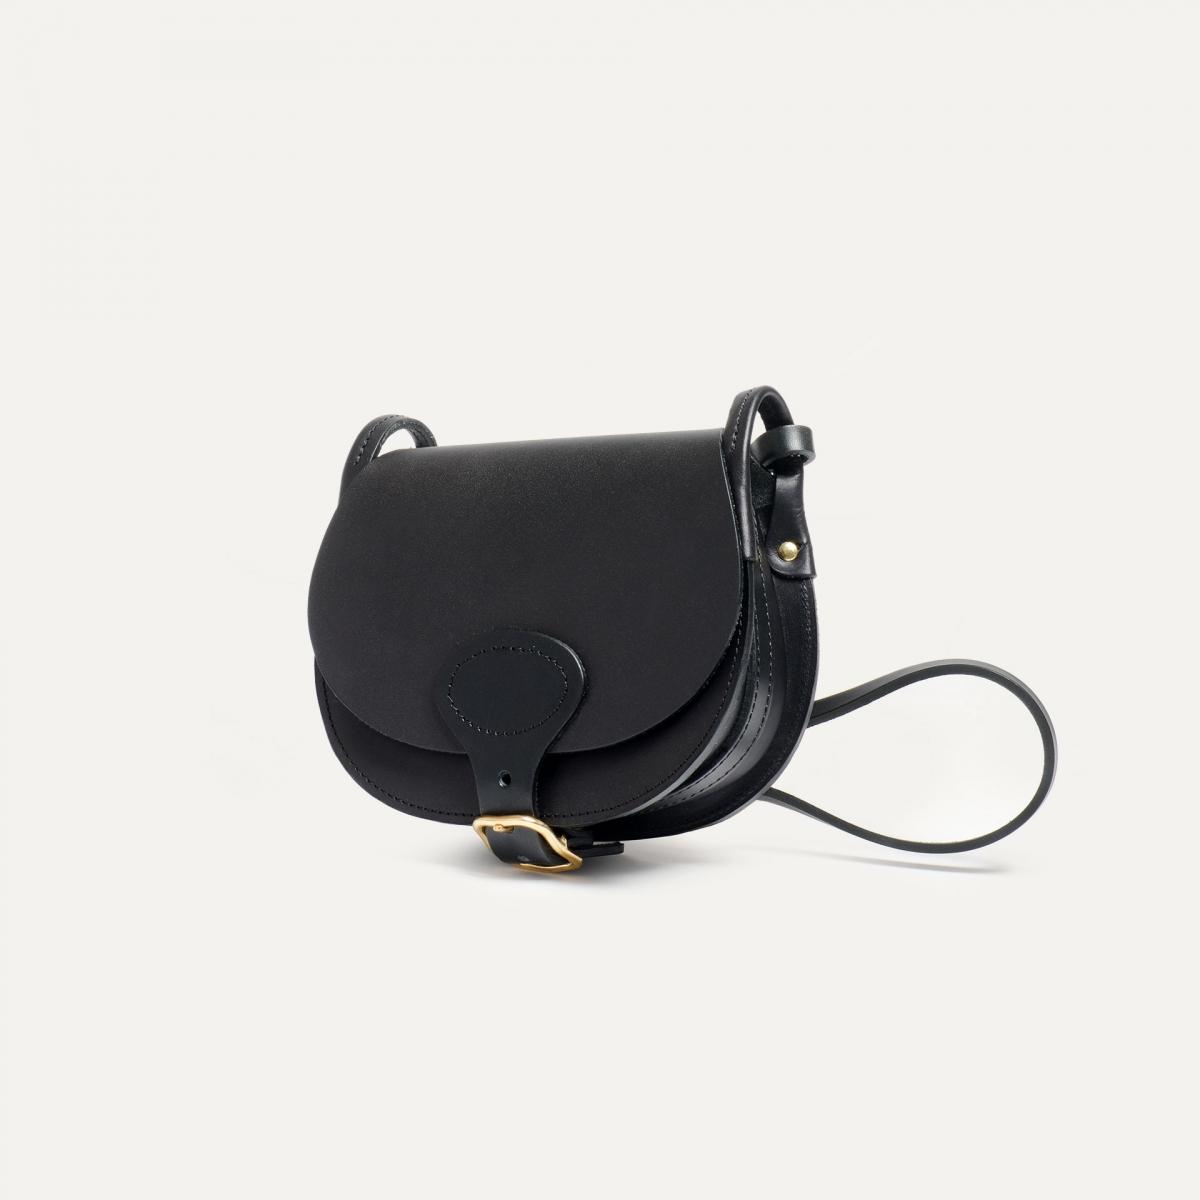 Diane S Gibecière bag - Black (image n°2)